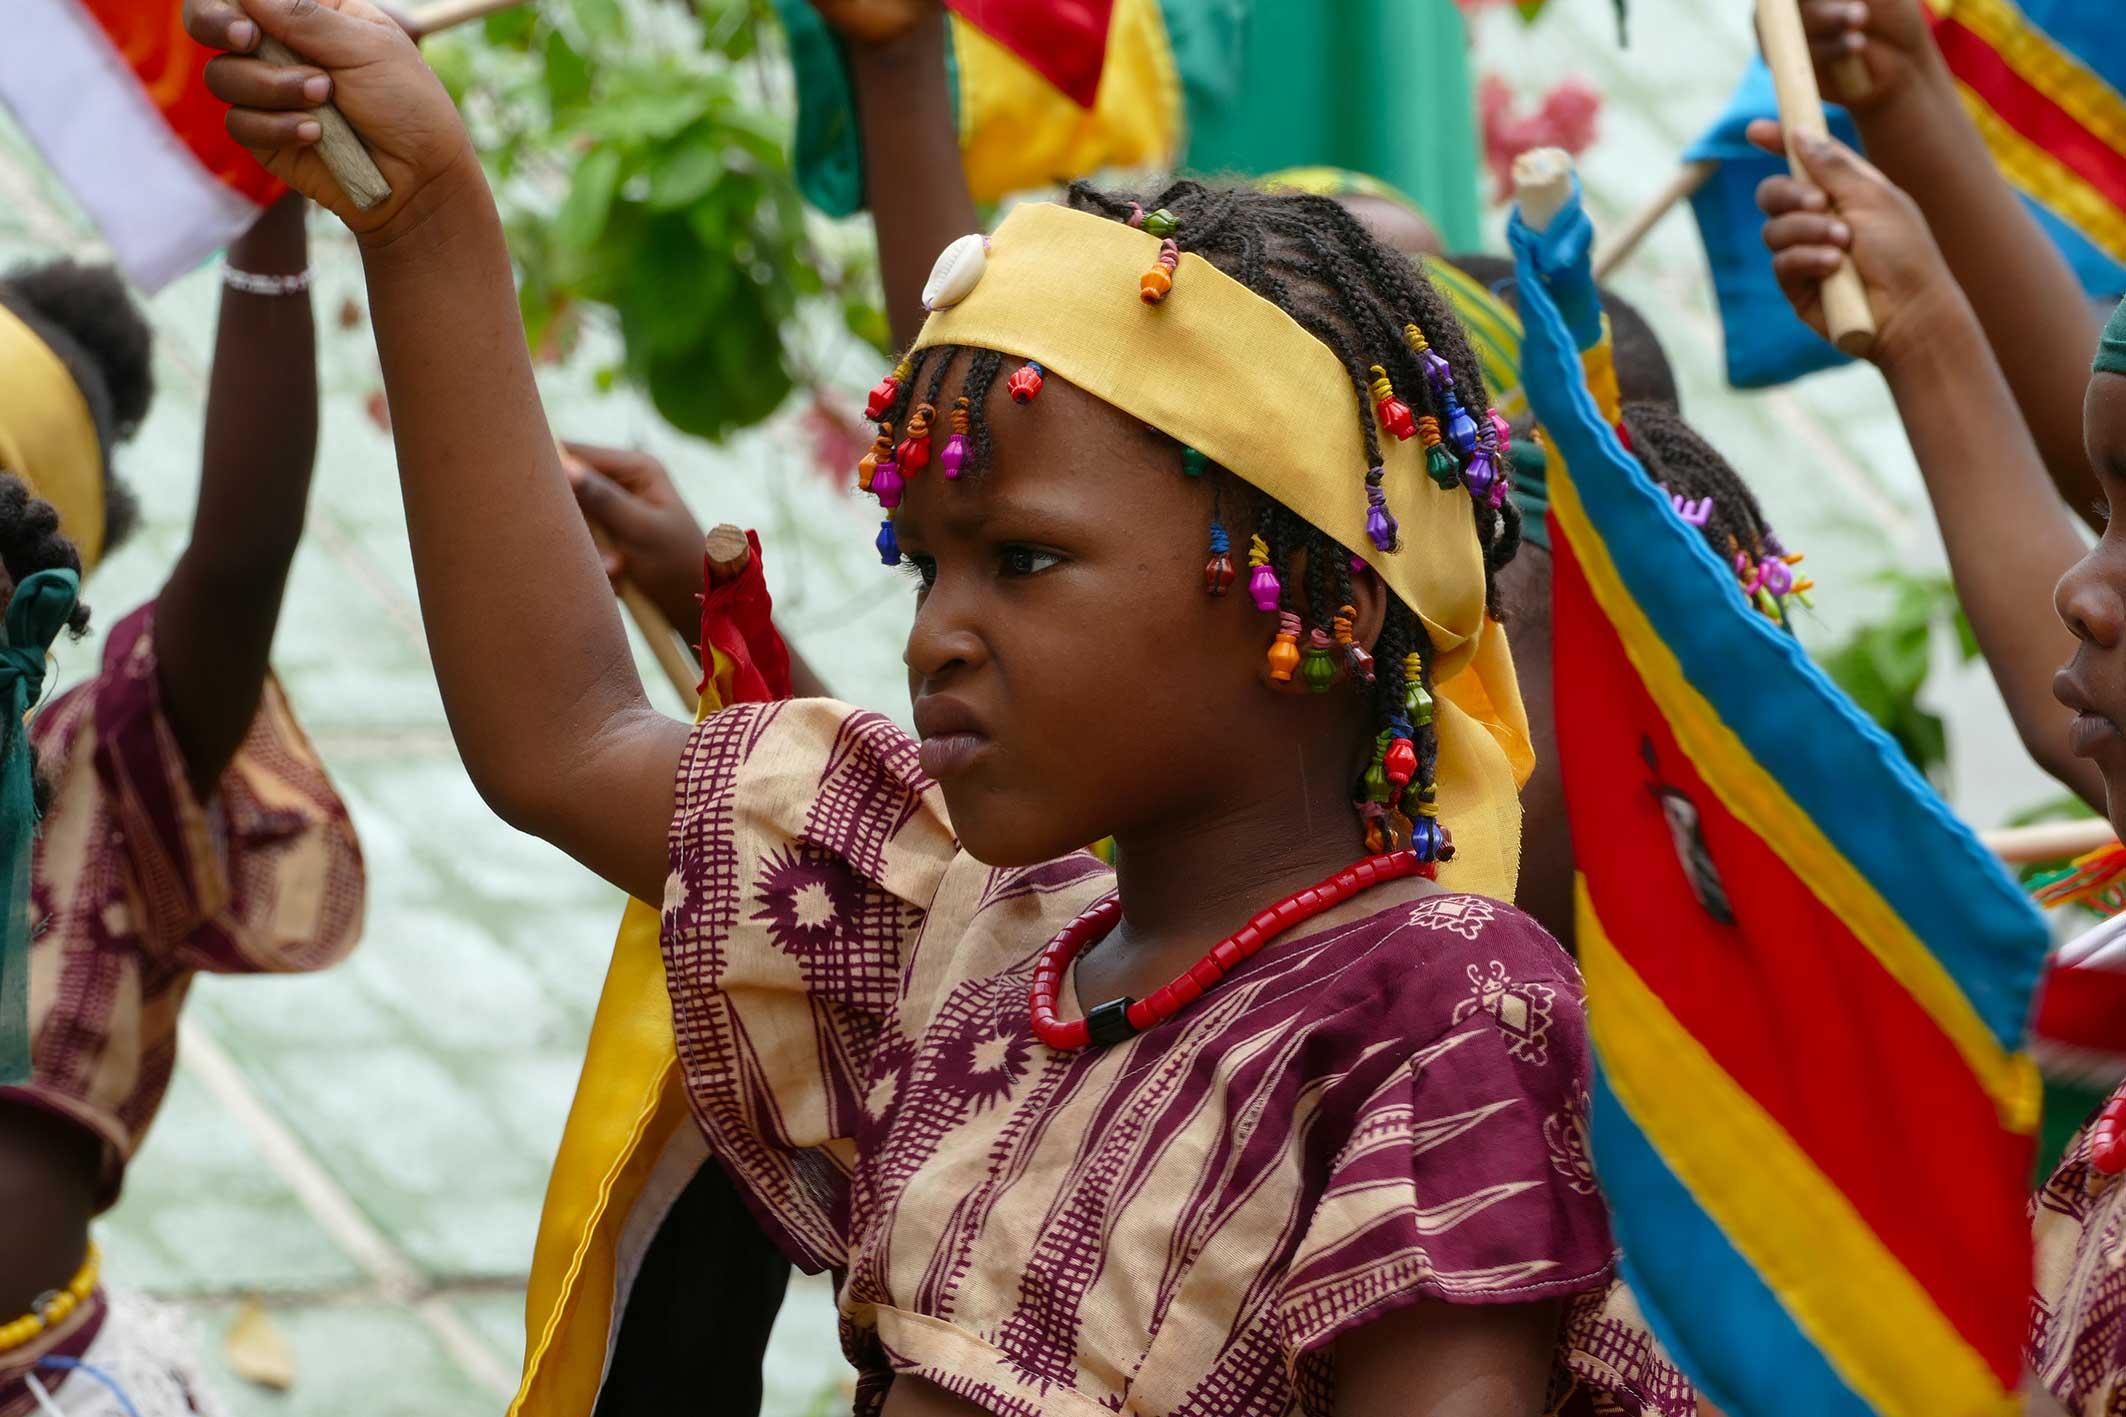 cipre_artiste_sculpteur_inauguration_monuments_conakry_capitale_mondiale_du_livre_2017_unesco_enfants_fille_drapeaux_leves.jpg